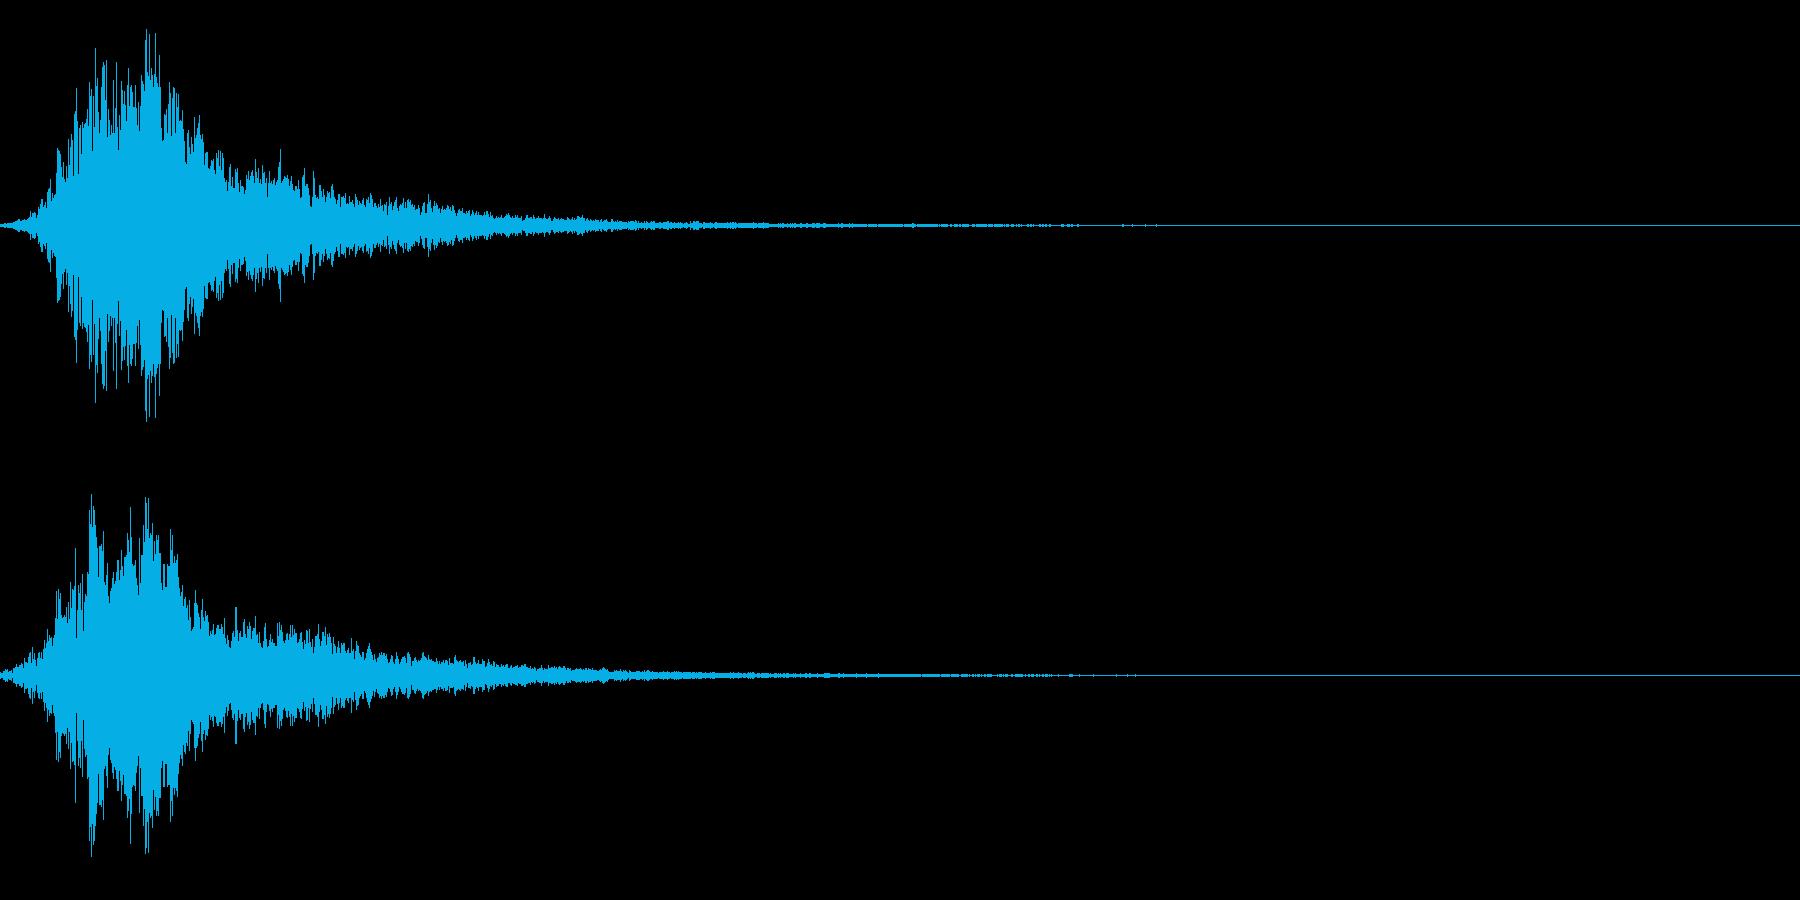 シャキーン!強烈なインパクトに最適!2bの再生済みの波形